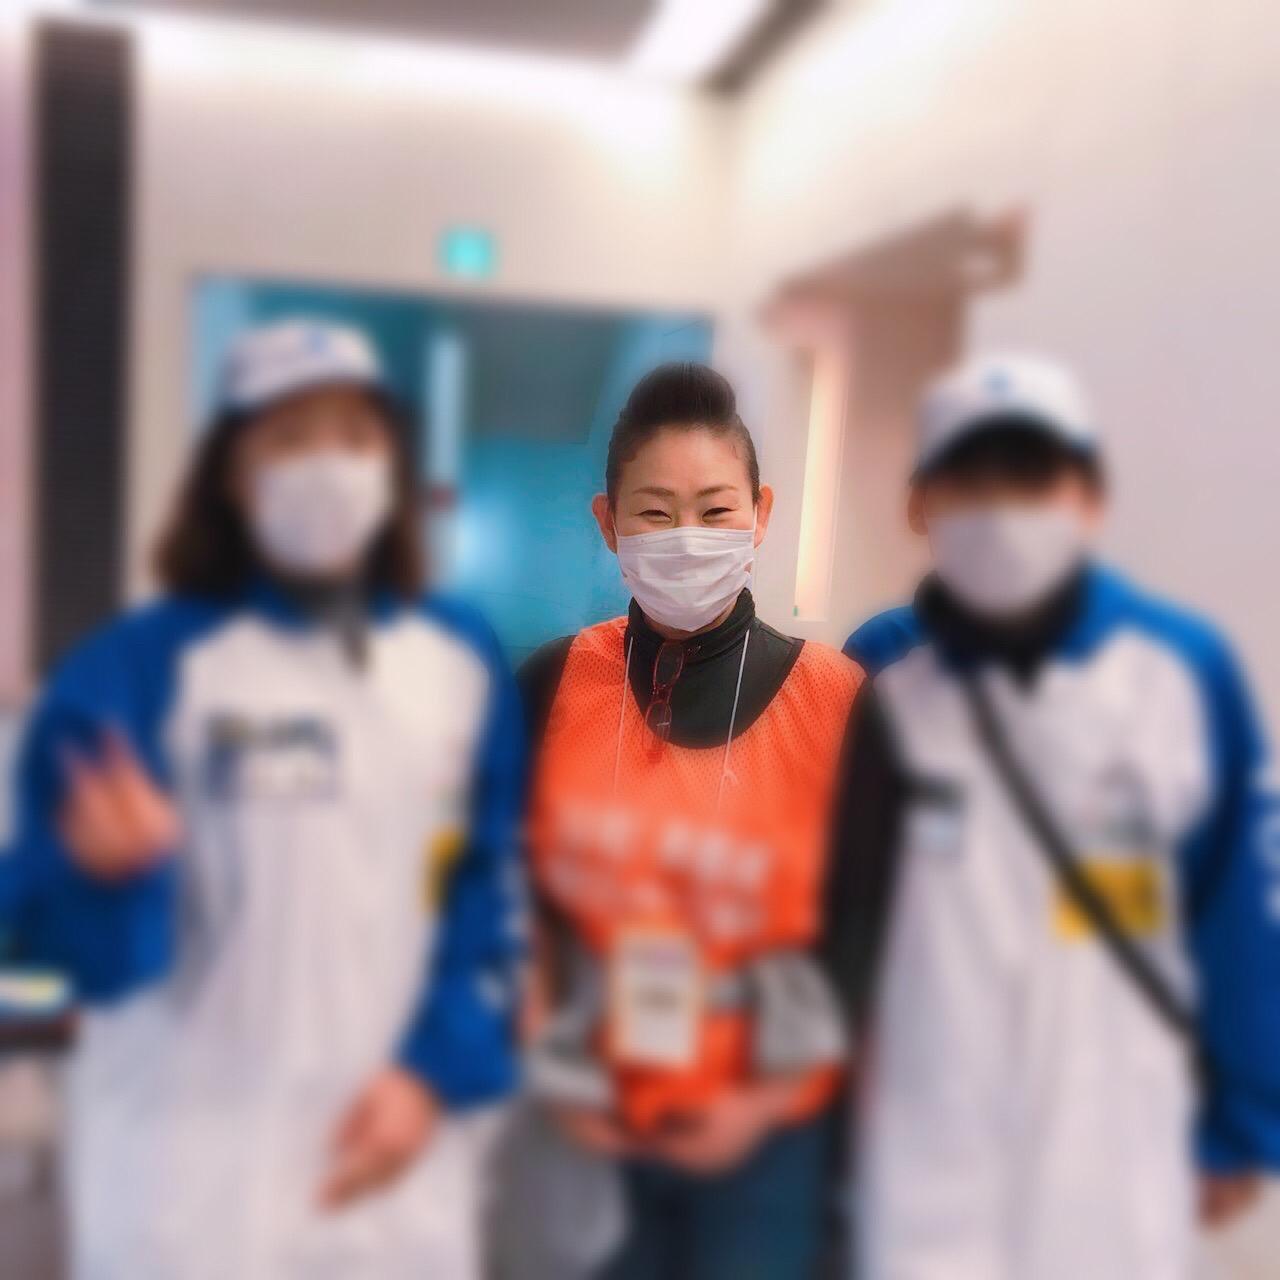 京都マラソンに参加させて頂きました✨KYOTO MARATHON🏃